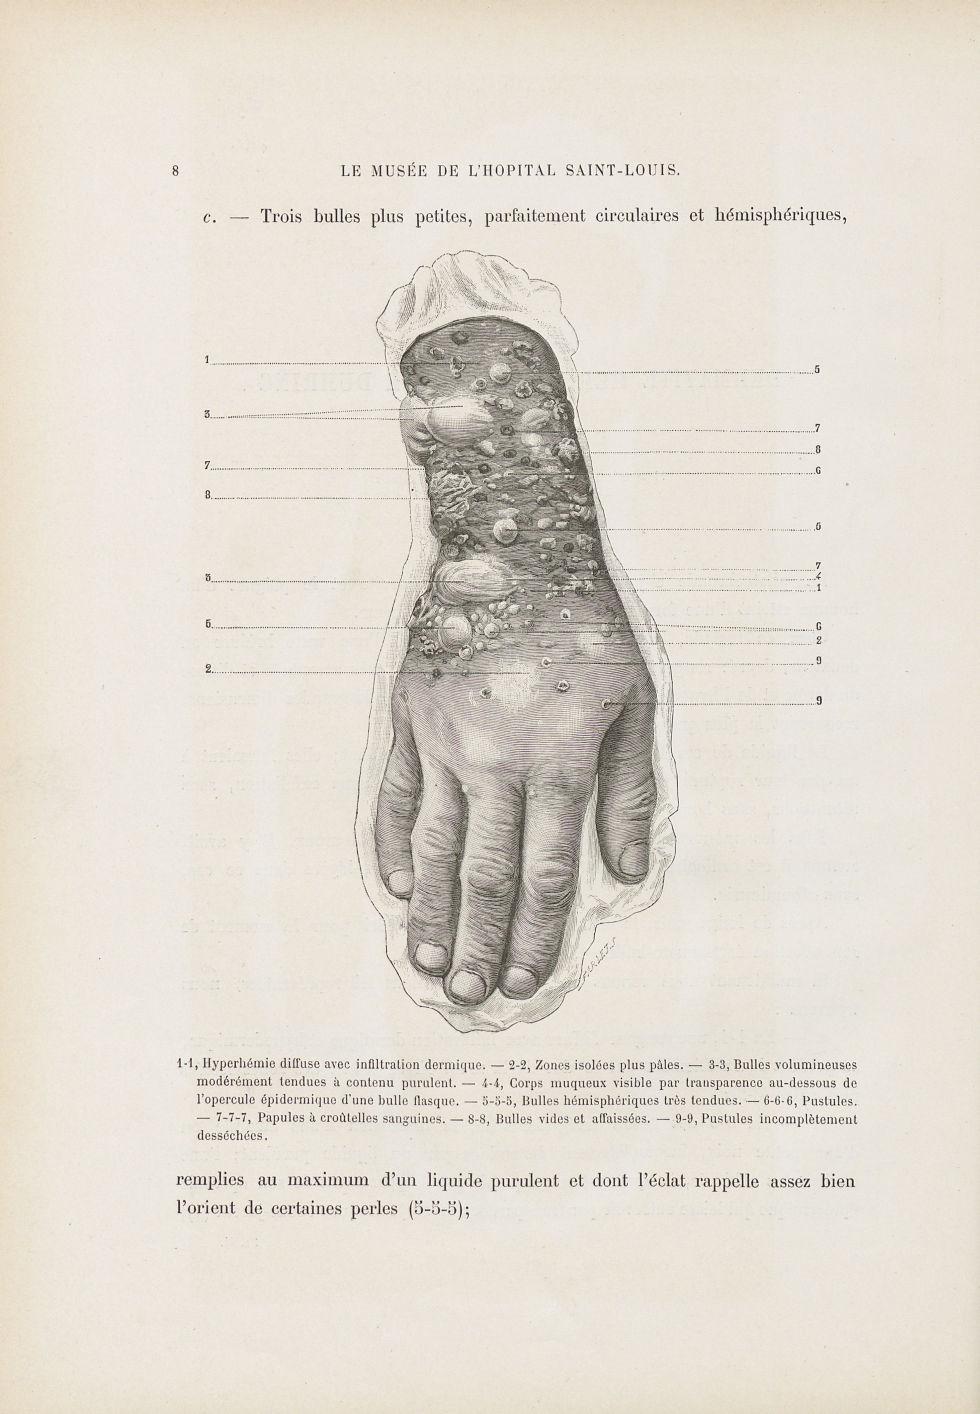 Dermatite herpétiforme - Le musée de l'hôpital Saint-Louis : iconographie des maladies cutanées et s [...] - Dermatologie (peau). Membres supérieurs. Poignets, mains. 19e siècle (France) - med01740x0017